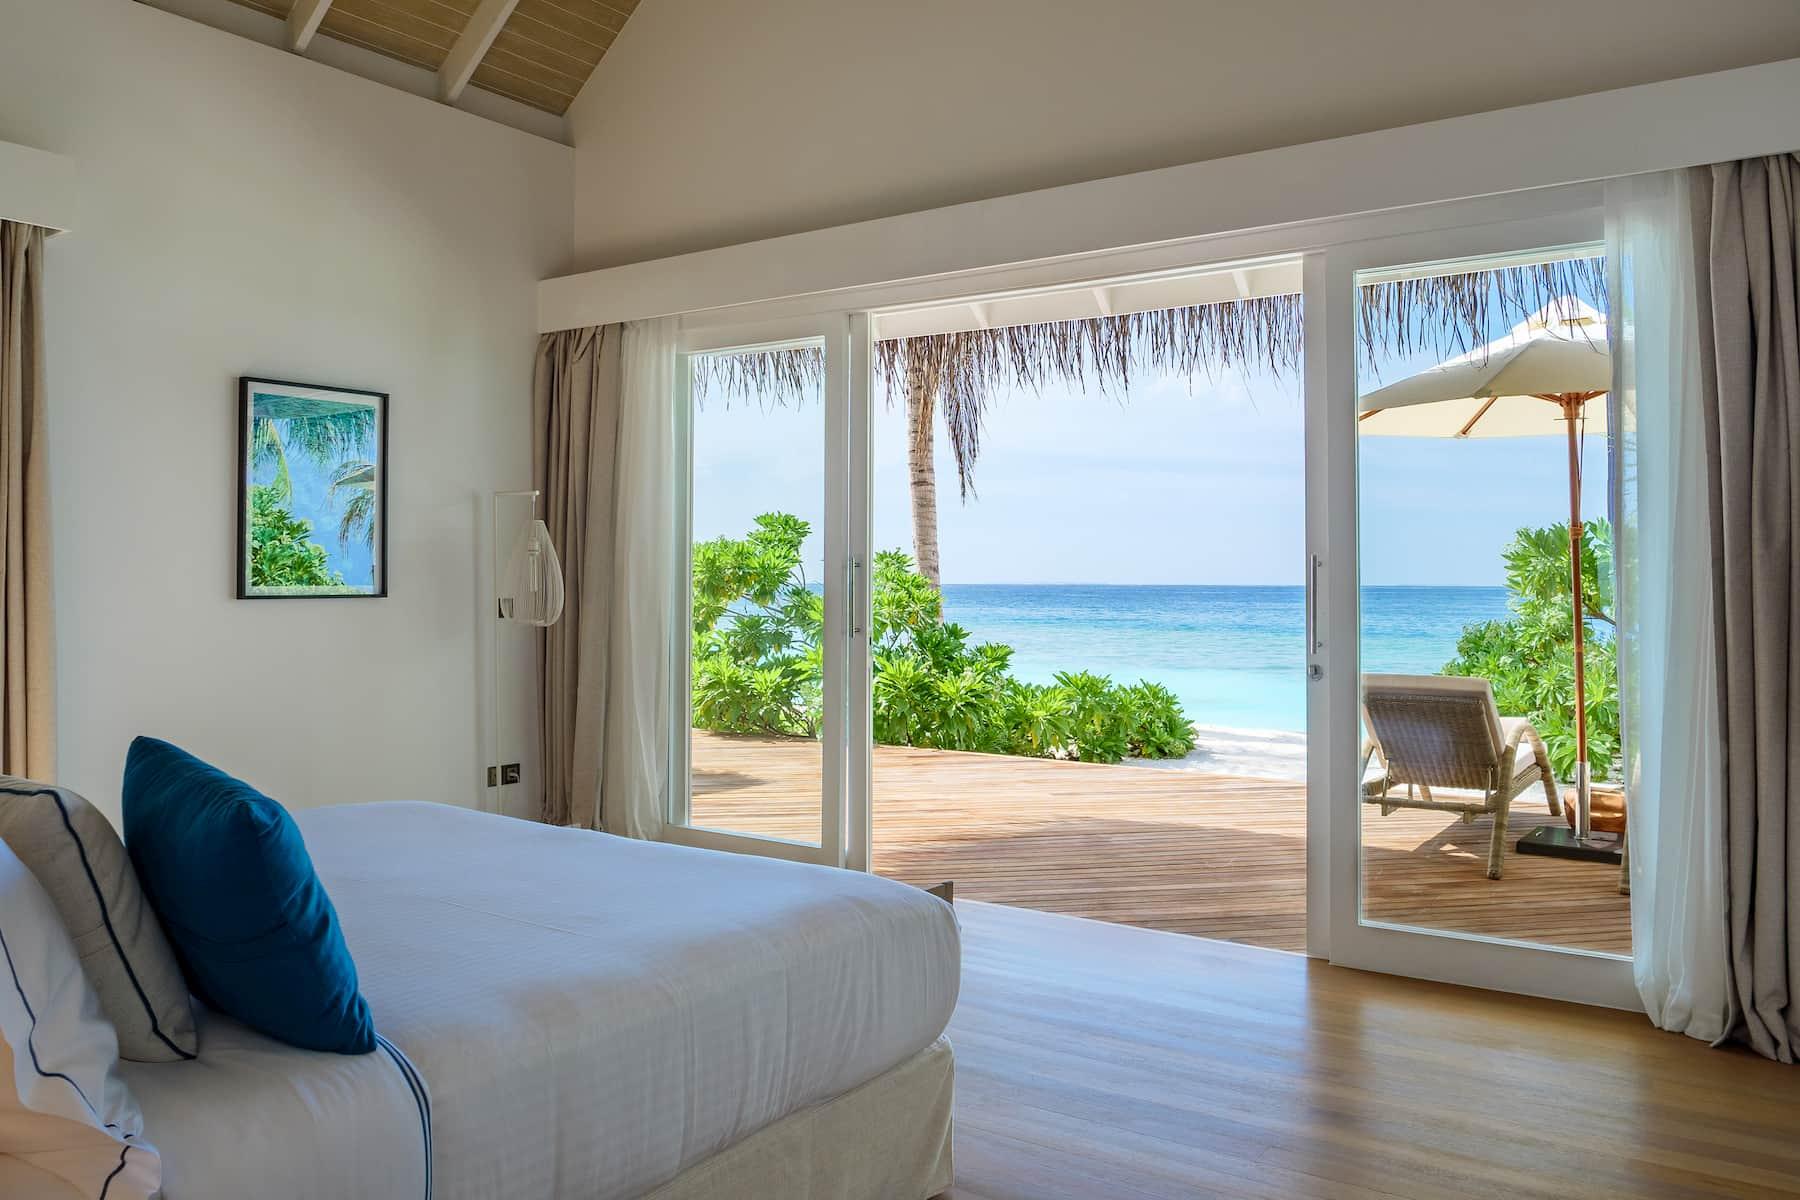 Resort Maldive Baglioni Resort Grand Beach Villa